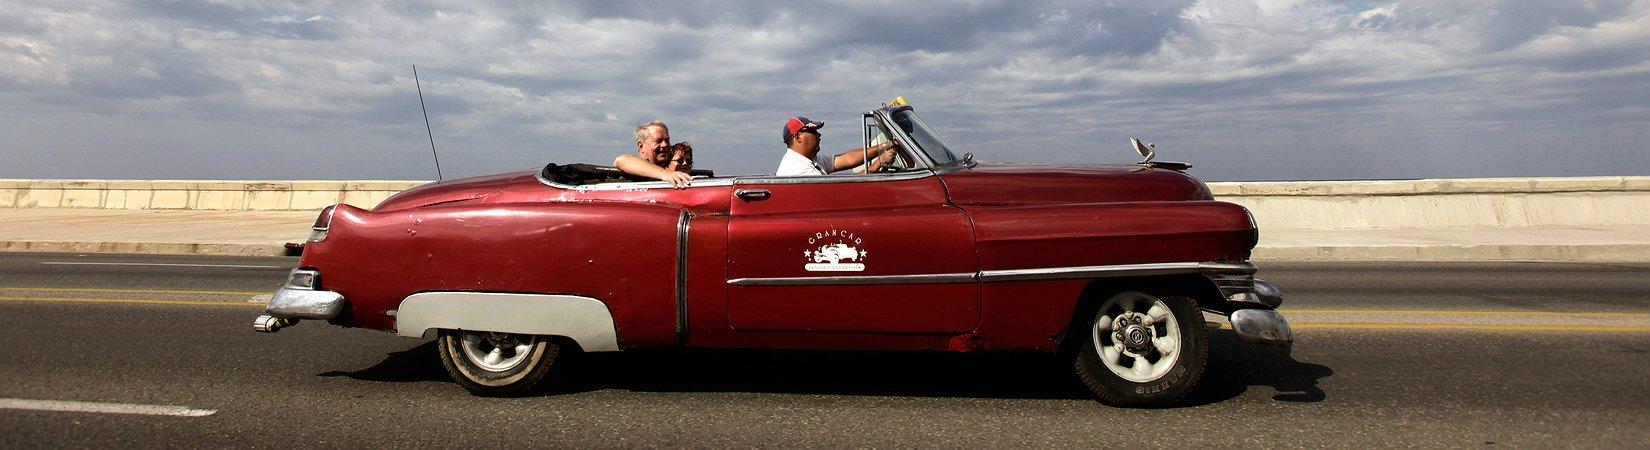 3 razones para comprar acciones de General Motors ahora